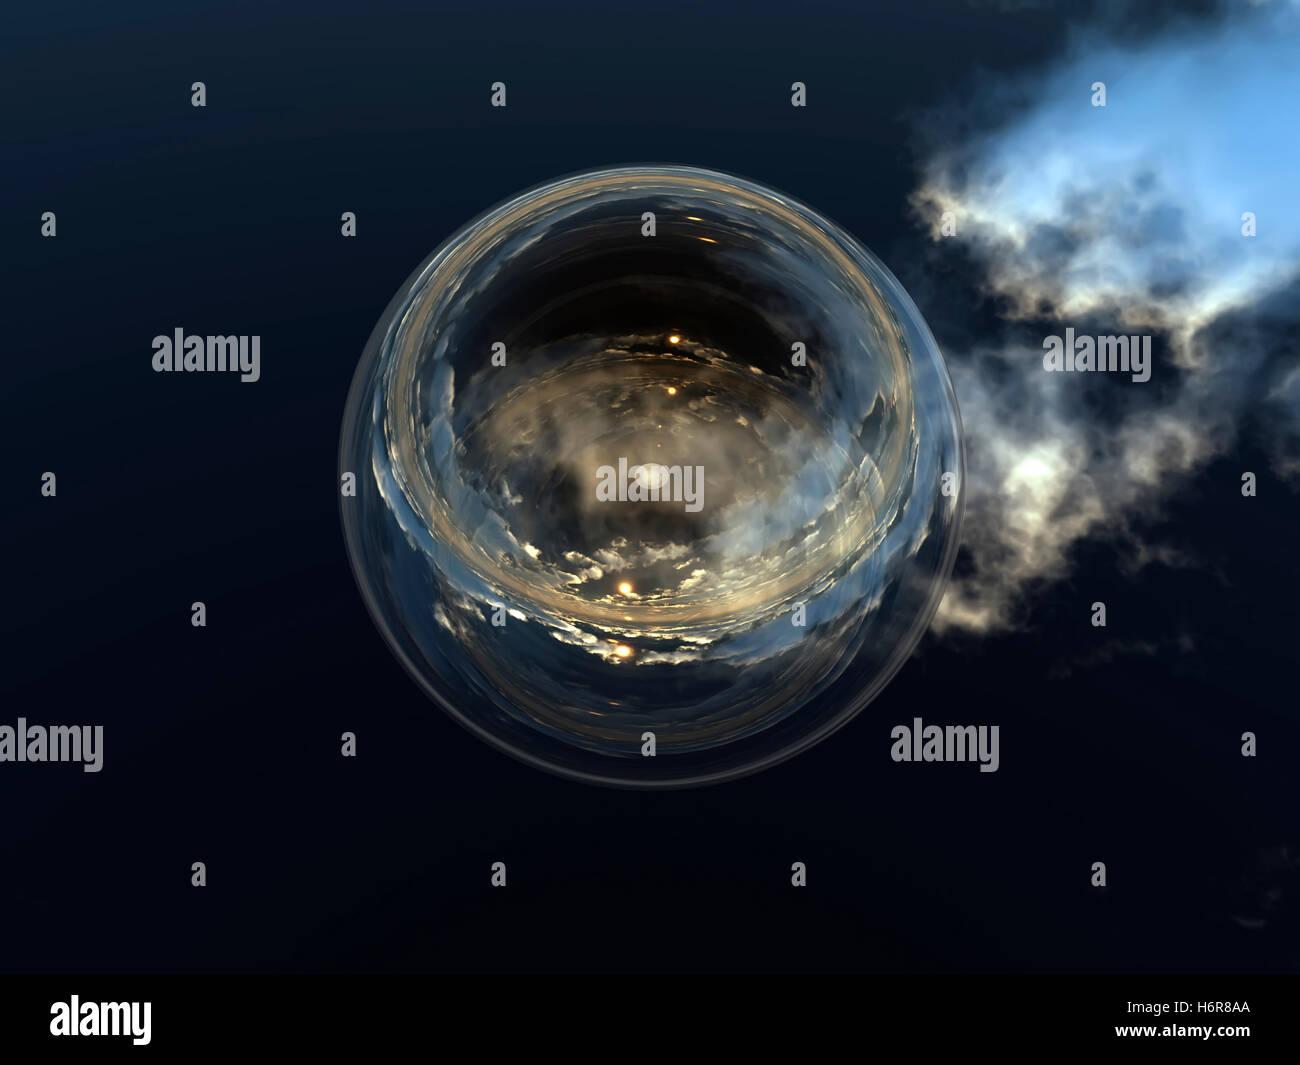 Futuro fortunetelling astrologia divinazione chiaroveggenza graphic cospicua pittografica sfera trasparente bolla Immagini Stock